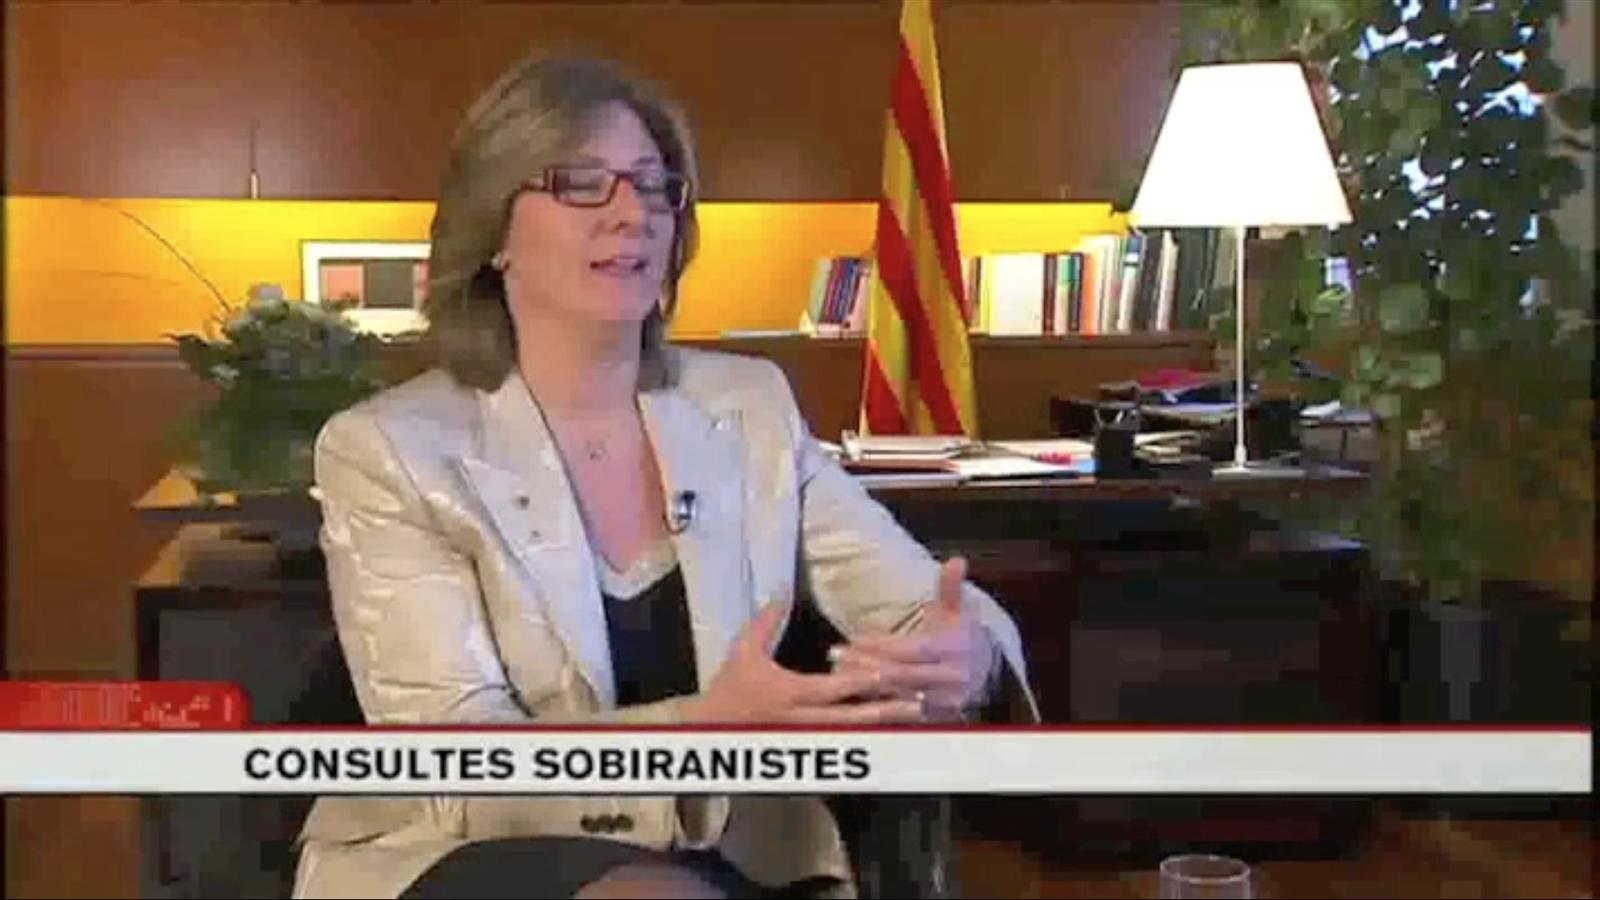 Bozal diu a TV3 que respecta profundament les consultes sobiranistes